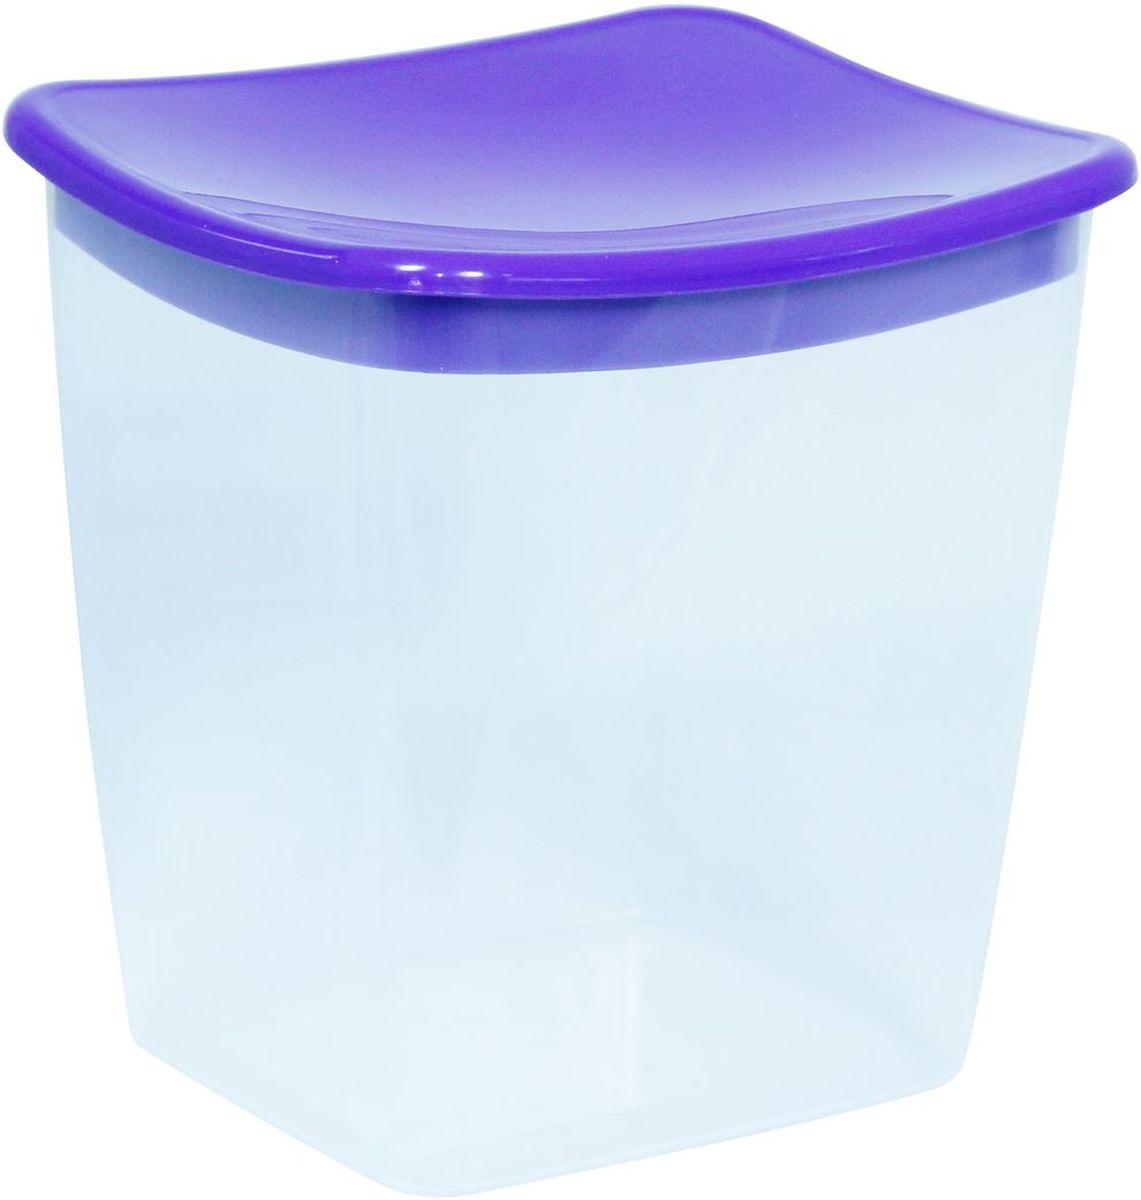 Емкость для сыпучих продуктов Idea, квадратная, цвет: фиолетовый, 1 л емкость для сыпучих продуктов idea деко орхидея 1 9 л